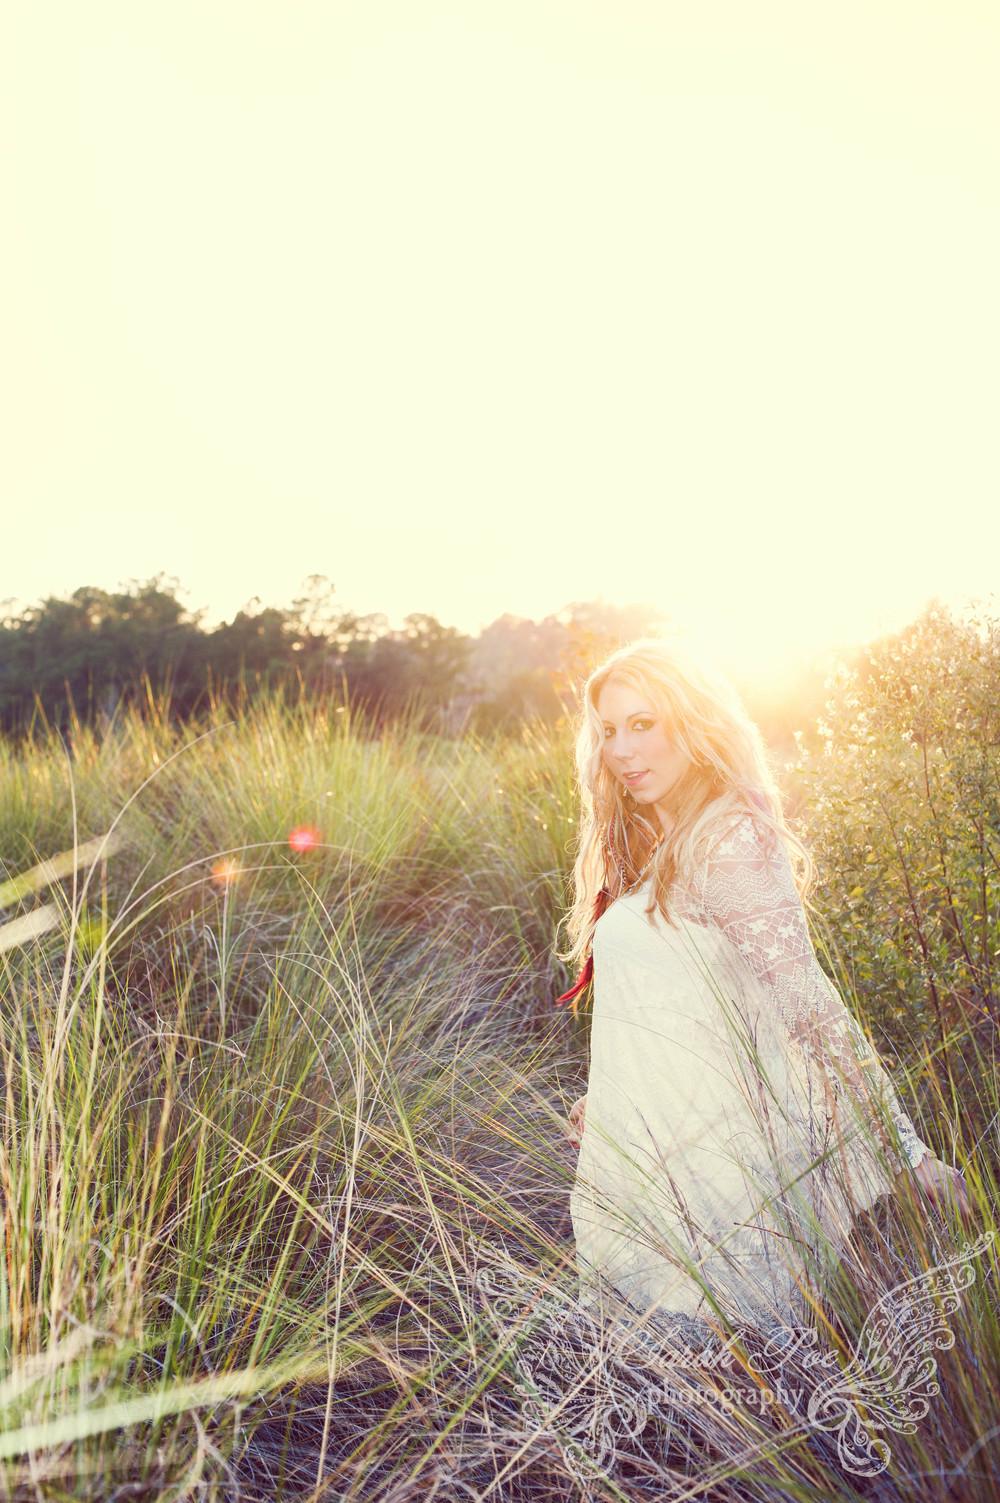 sarahpoephotography.Elise.2014 (10 of 20).jpg